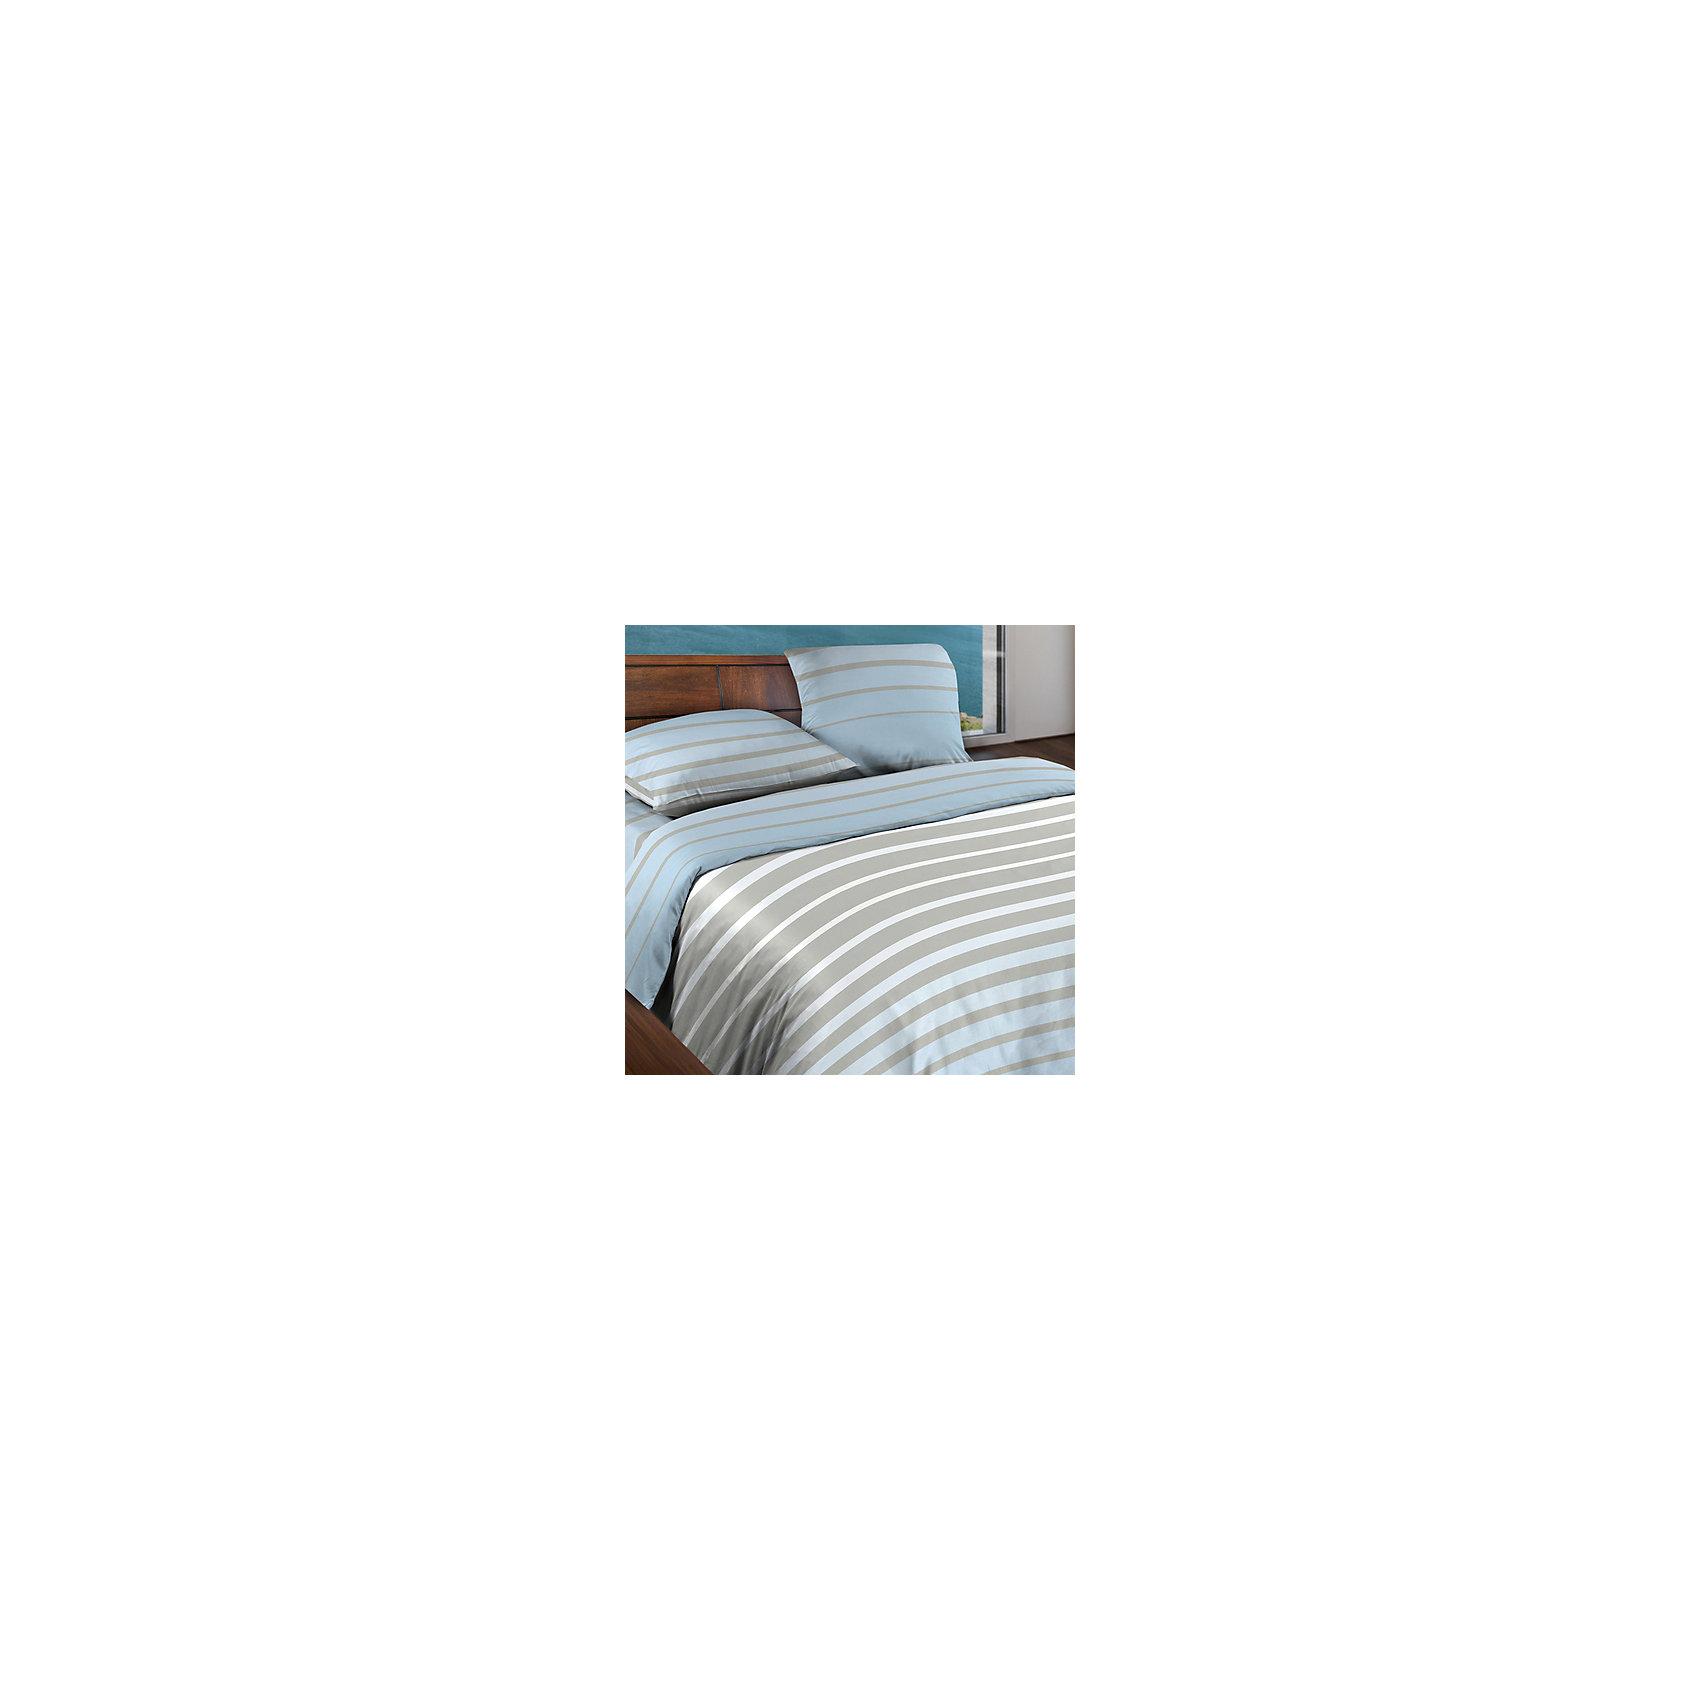 Постельное белье 1,5 сп. Stripe Breeze БИО Комфорт, Wenge MotionДомашний текстиль<br>Характеристики 1,5 спального комплекта постельного белья   Stripe Breeze  БИО Комфорт, Wenge Motion:<br><br>- производитель: Неотек<br>- материал: бязь<br>- состав: 100% хлопок<br>- размер комплекта: полутораспальный<br>- размер пододеяльника: 215*145 см.<br>- размер простыни: 220*150 см.<br>- размер наволочек: 70*70 (2 шт)<br>- упаковка комплекта: книжка пвх<br>- страна бренда: Россия<br>- страна производитель: Россия<br><br>Постельное белье Stripe Breeze серии Wenge Motion создано для тех, кто предпочитает идти в ногу со временем. Акцент сделан на сдержанном и лаконичном дизайне, который подчеркнет Вашу индивидуальность и прекрасно впишется в интерьер. Изделия изготовлены из ткани БИОкомфорт – это бязь она мягкая и приятная на ощупь ткань натуральный хлопок. Комплект постельного белья серии Wenge Motion, декорированный геометрическим узором, украсит Вашу спальню и подарит Вам спокойные сны. Комплект полутораспального постельного белья состоит из пододеяльника, простыни и двух наволочек размера 70х70 см, он отлично подойдет для небольшой кровати. Комплект белья из хлопка износостоек, легко стирается и гладится, выдерживает большое количество стирок без ущерба для внешнего вида. Белье можно стирать в стиральной машине в деликатном режиме. Комплект стильного постельного белья – всегда уместный подарок на любое торжество.<br><br>Комплекта постельного белья   Stripe Breeze  серии Wenge Motion можно купить в нашем интернет-магазине.<br><br>Ширина мм: 370<br>Глубина мм: 70<br>Высота мм: 370<br>Вес г: 1400<br>Возраст от месяцев: 36<br>Возраст до месяцев: 216<br>Пол: Унисекс<br>Возраст: Детский<br>SKU: 5100115